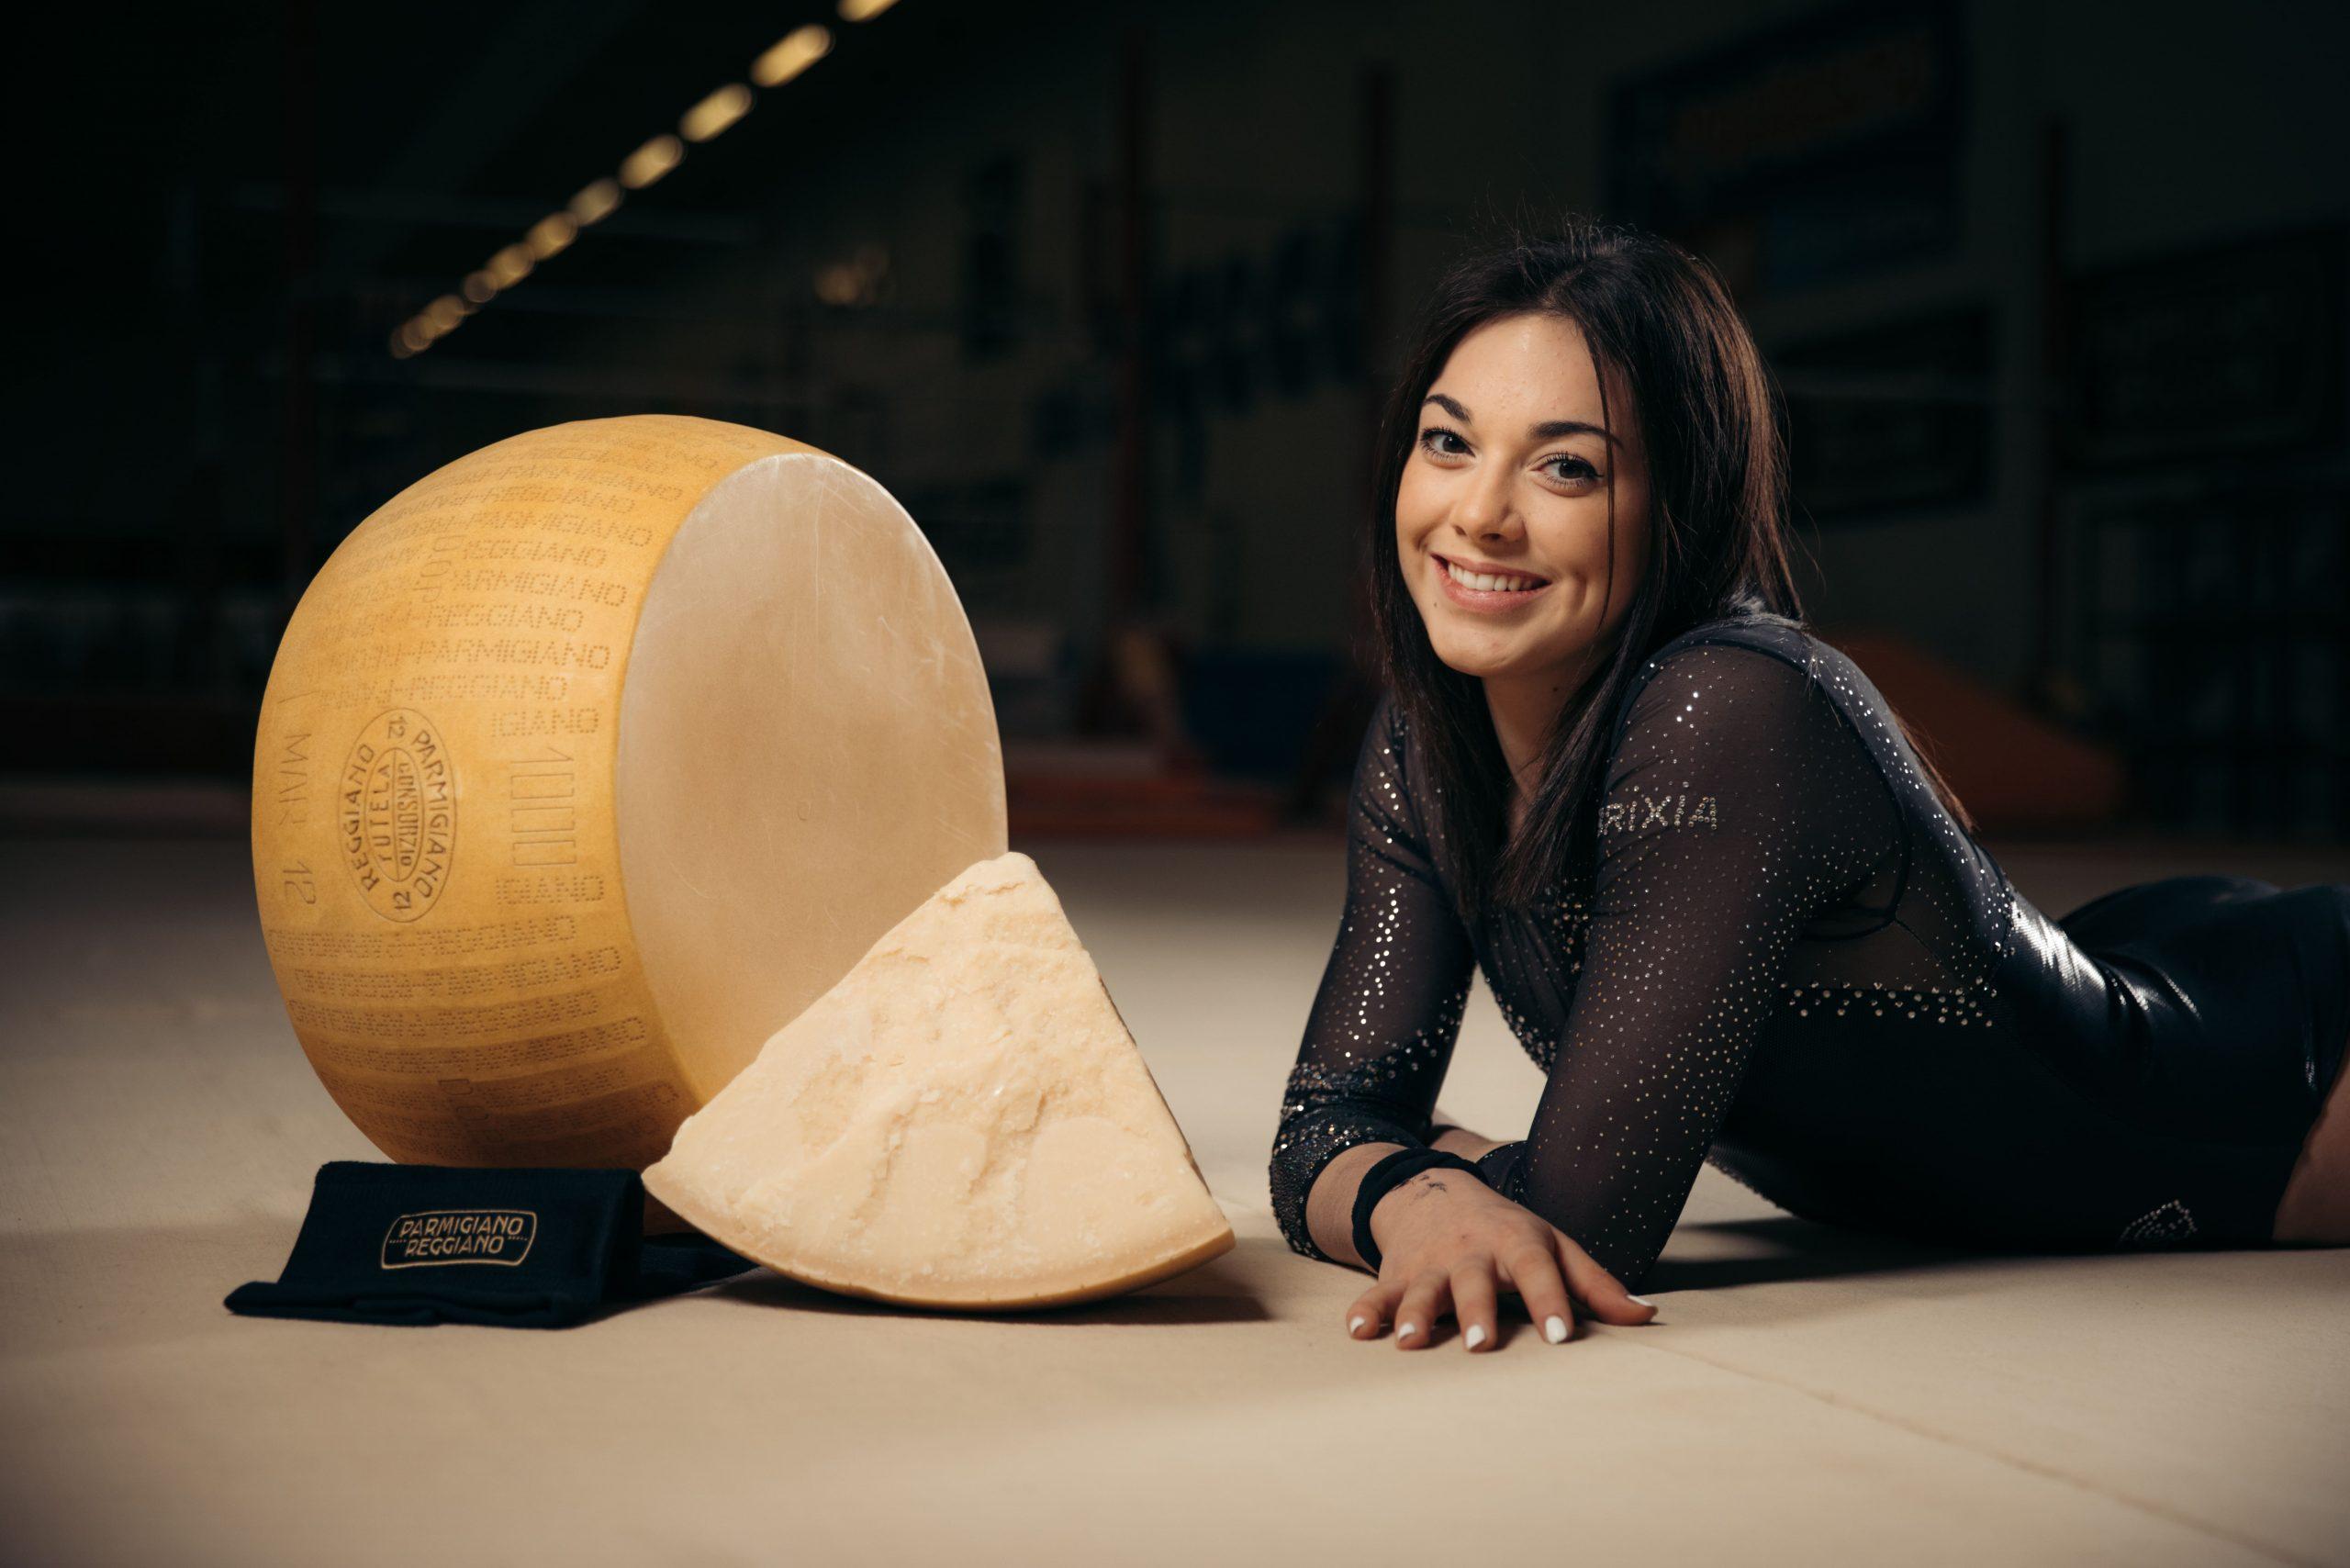 Ancora uno sportivo nella strategia del Parmigiano Reggiano: la ginnasta Giorgia Villa diventa Ambassador